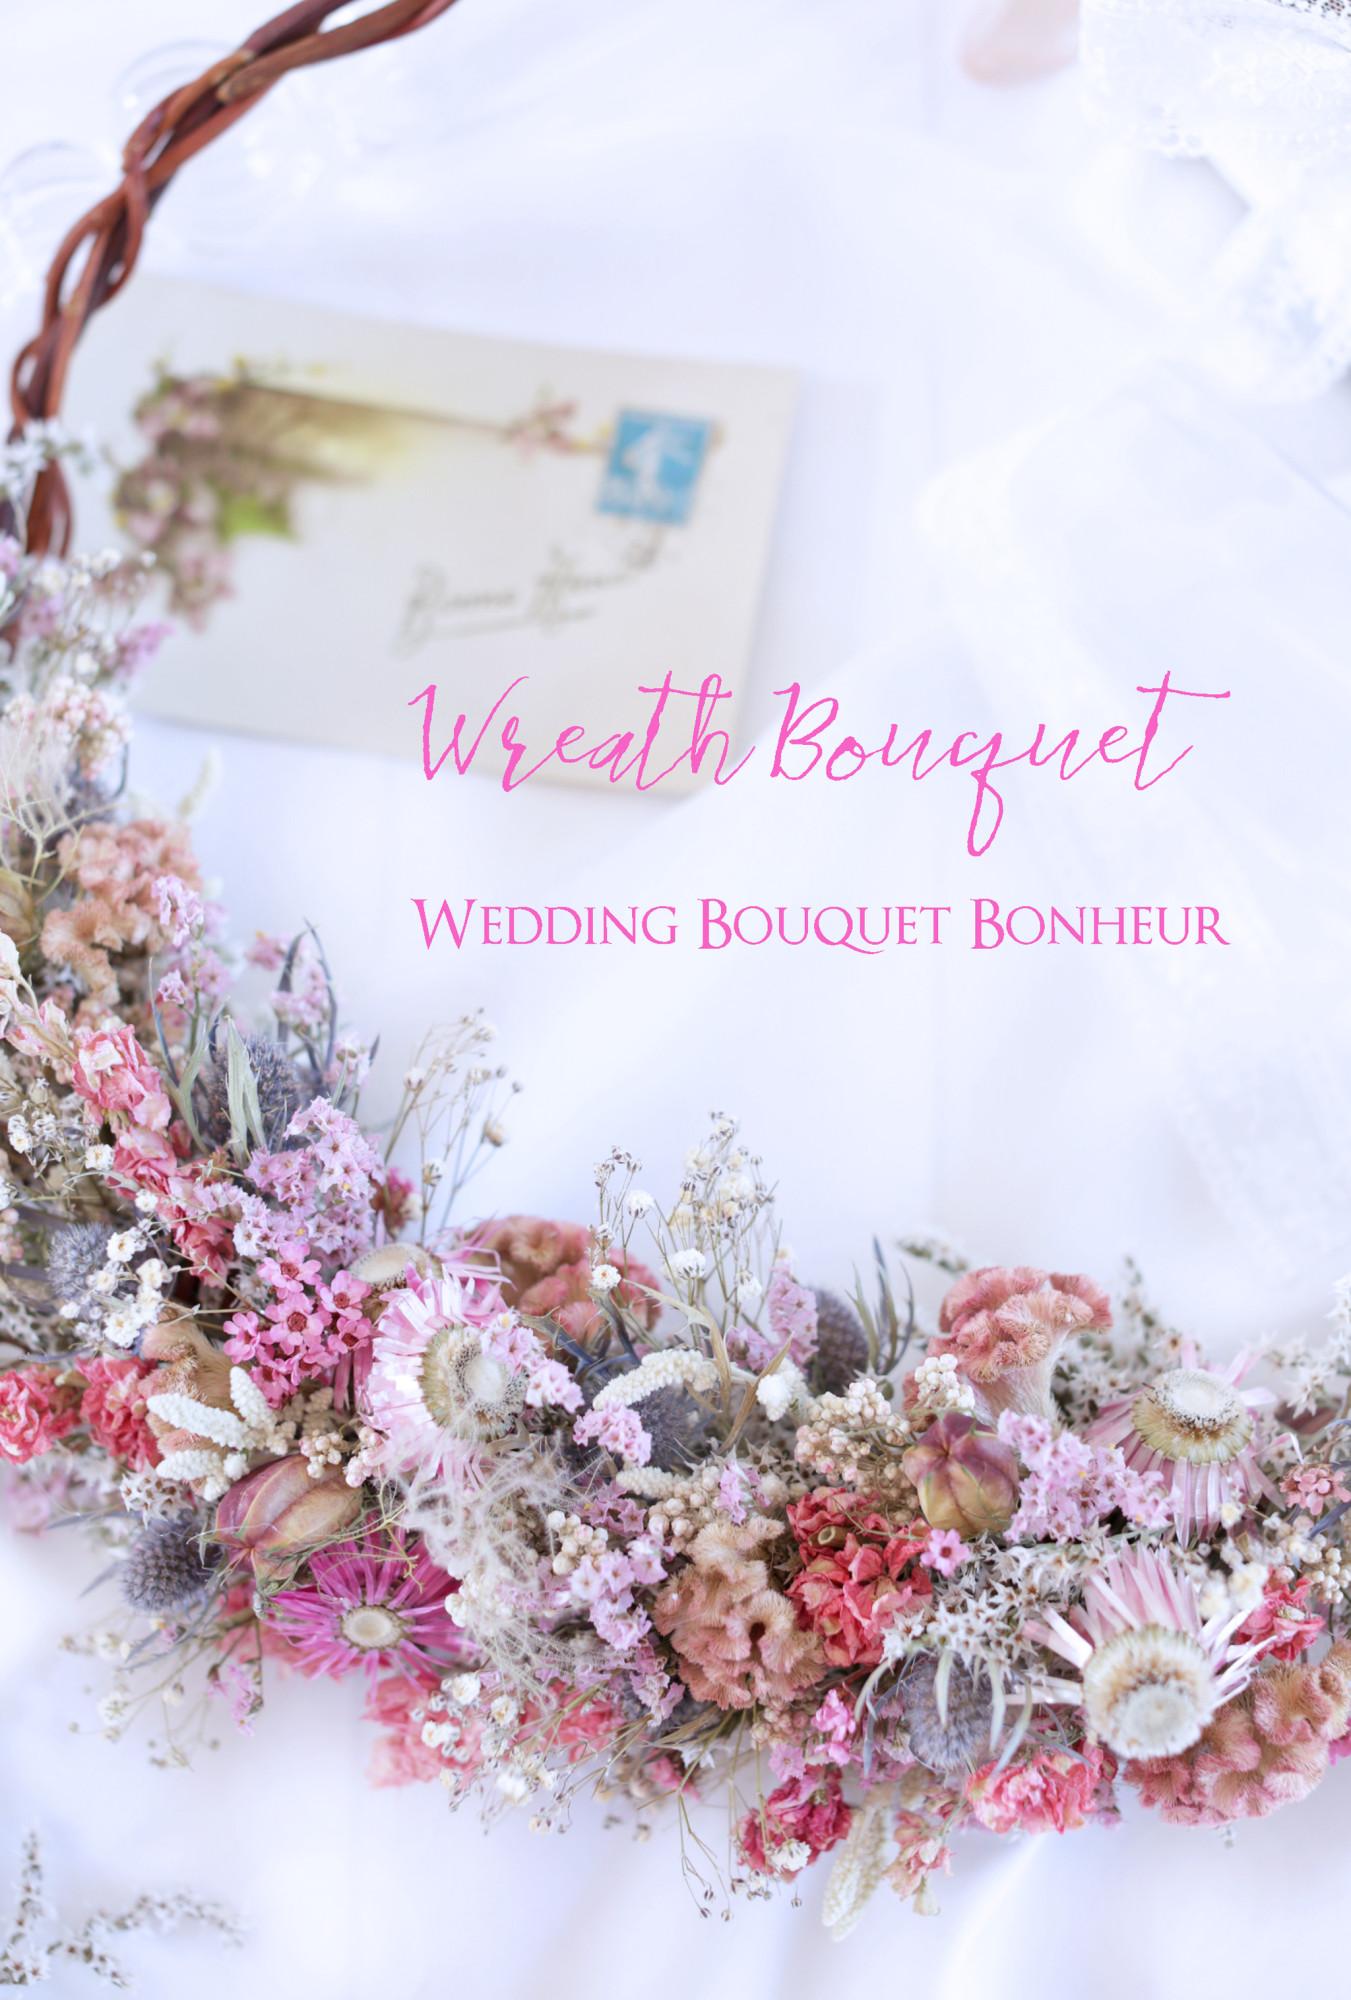 b_wreathbouquet20180411_2